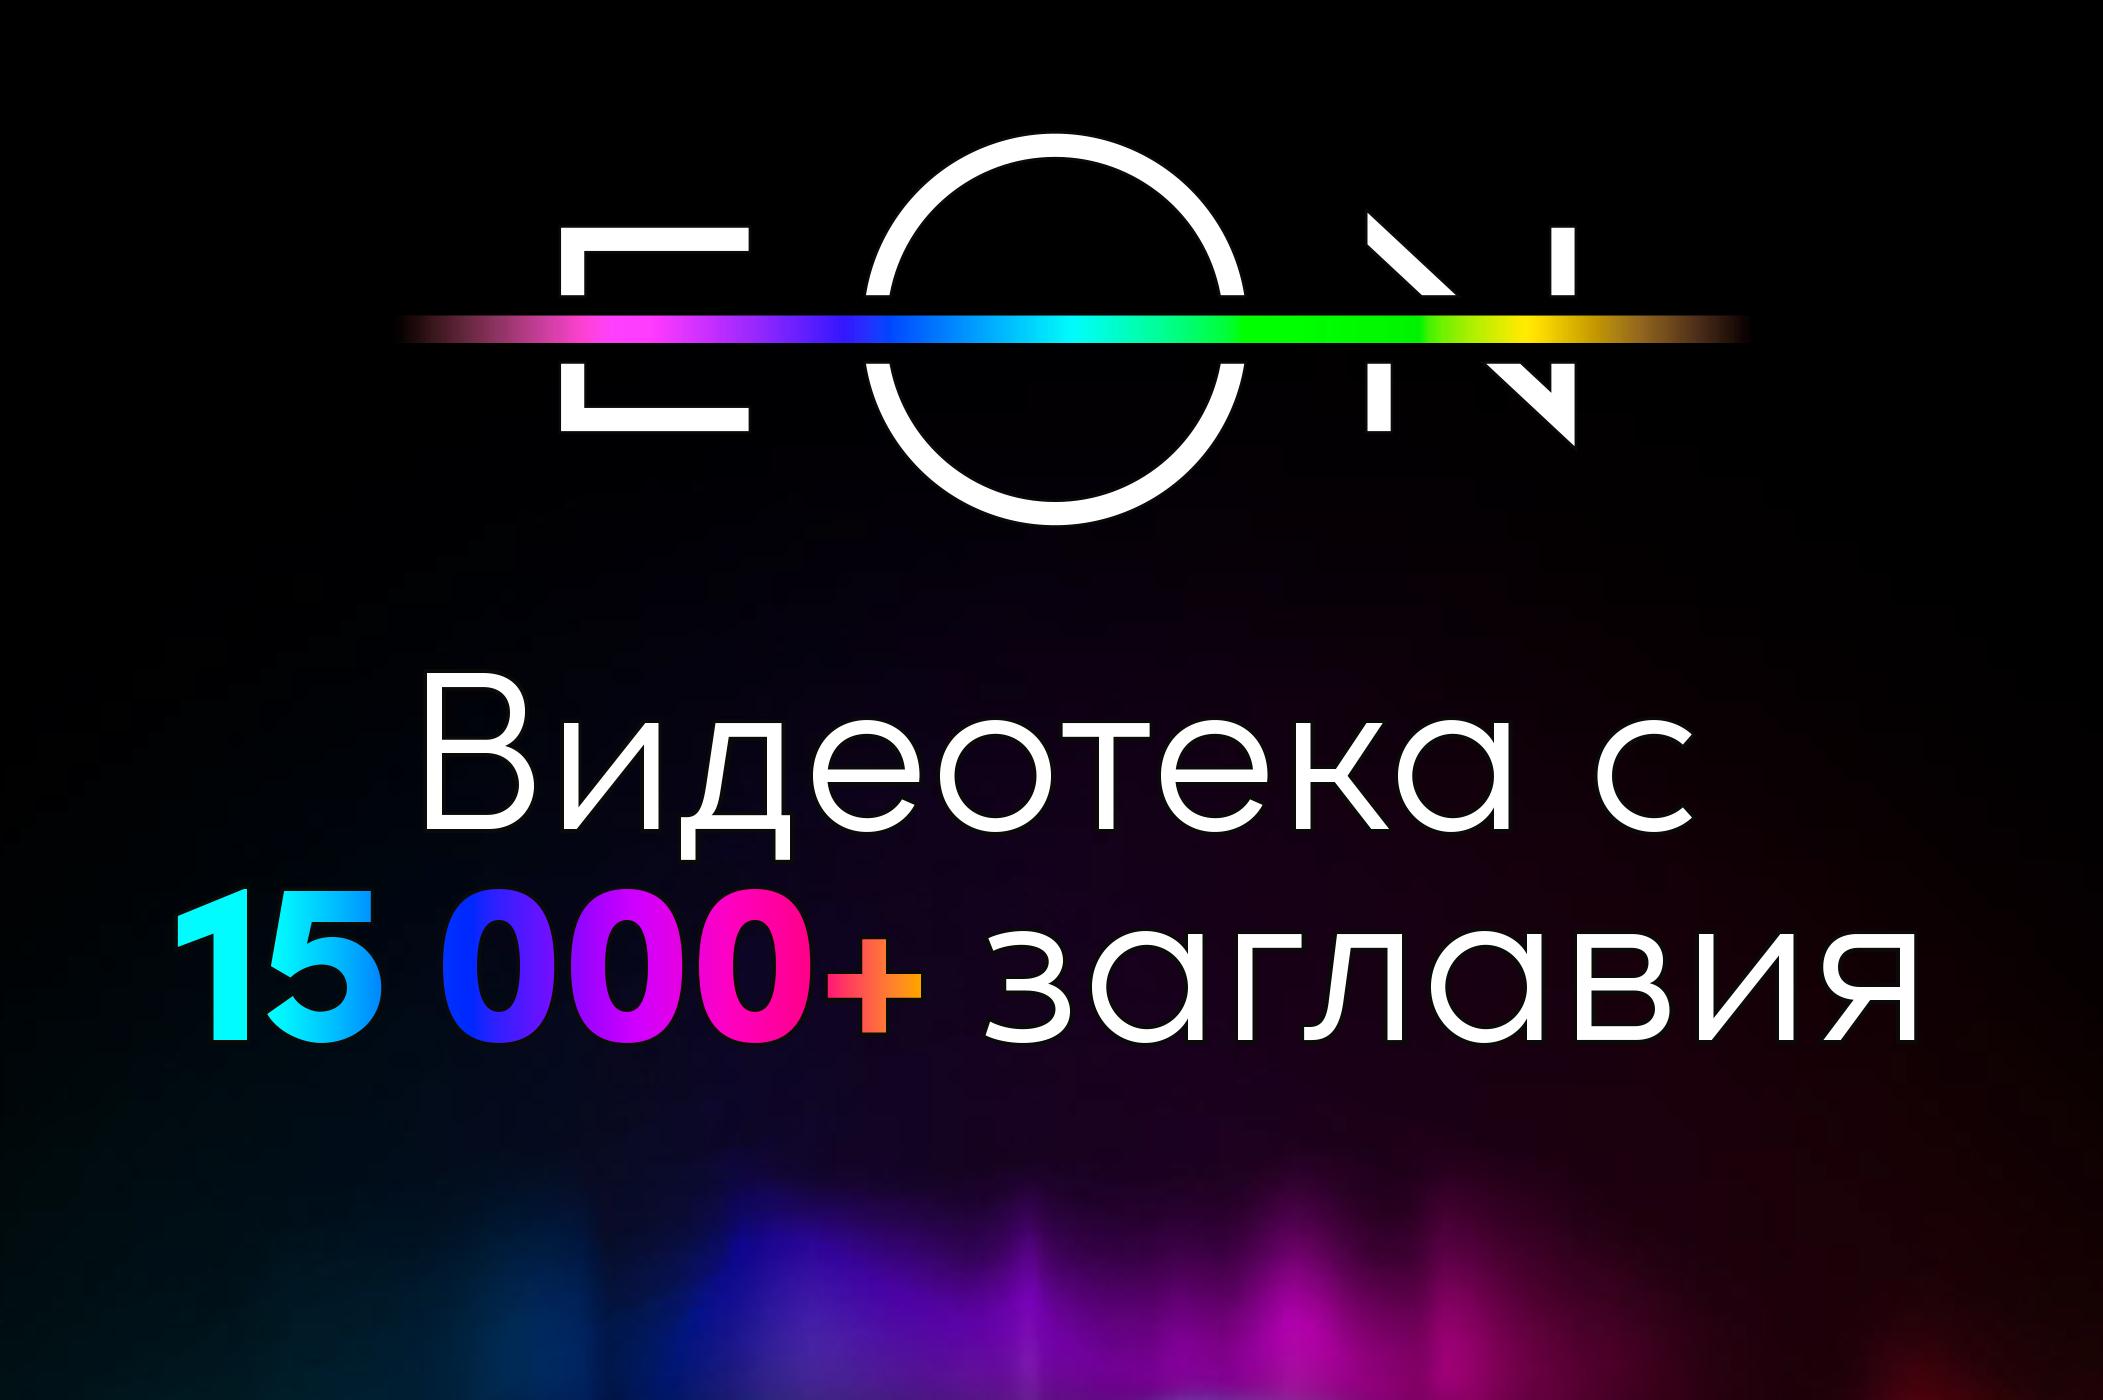 EON Видеотека